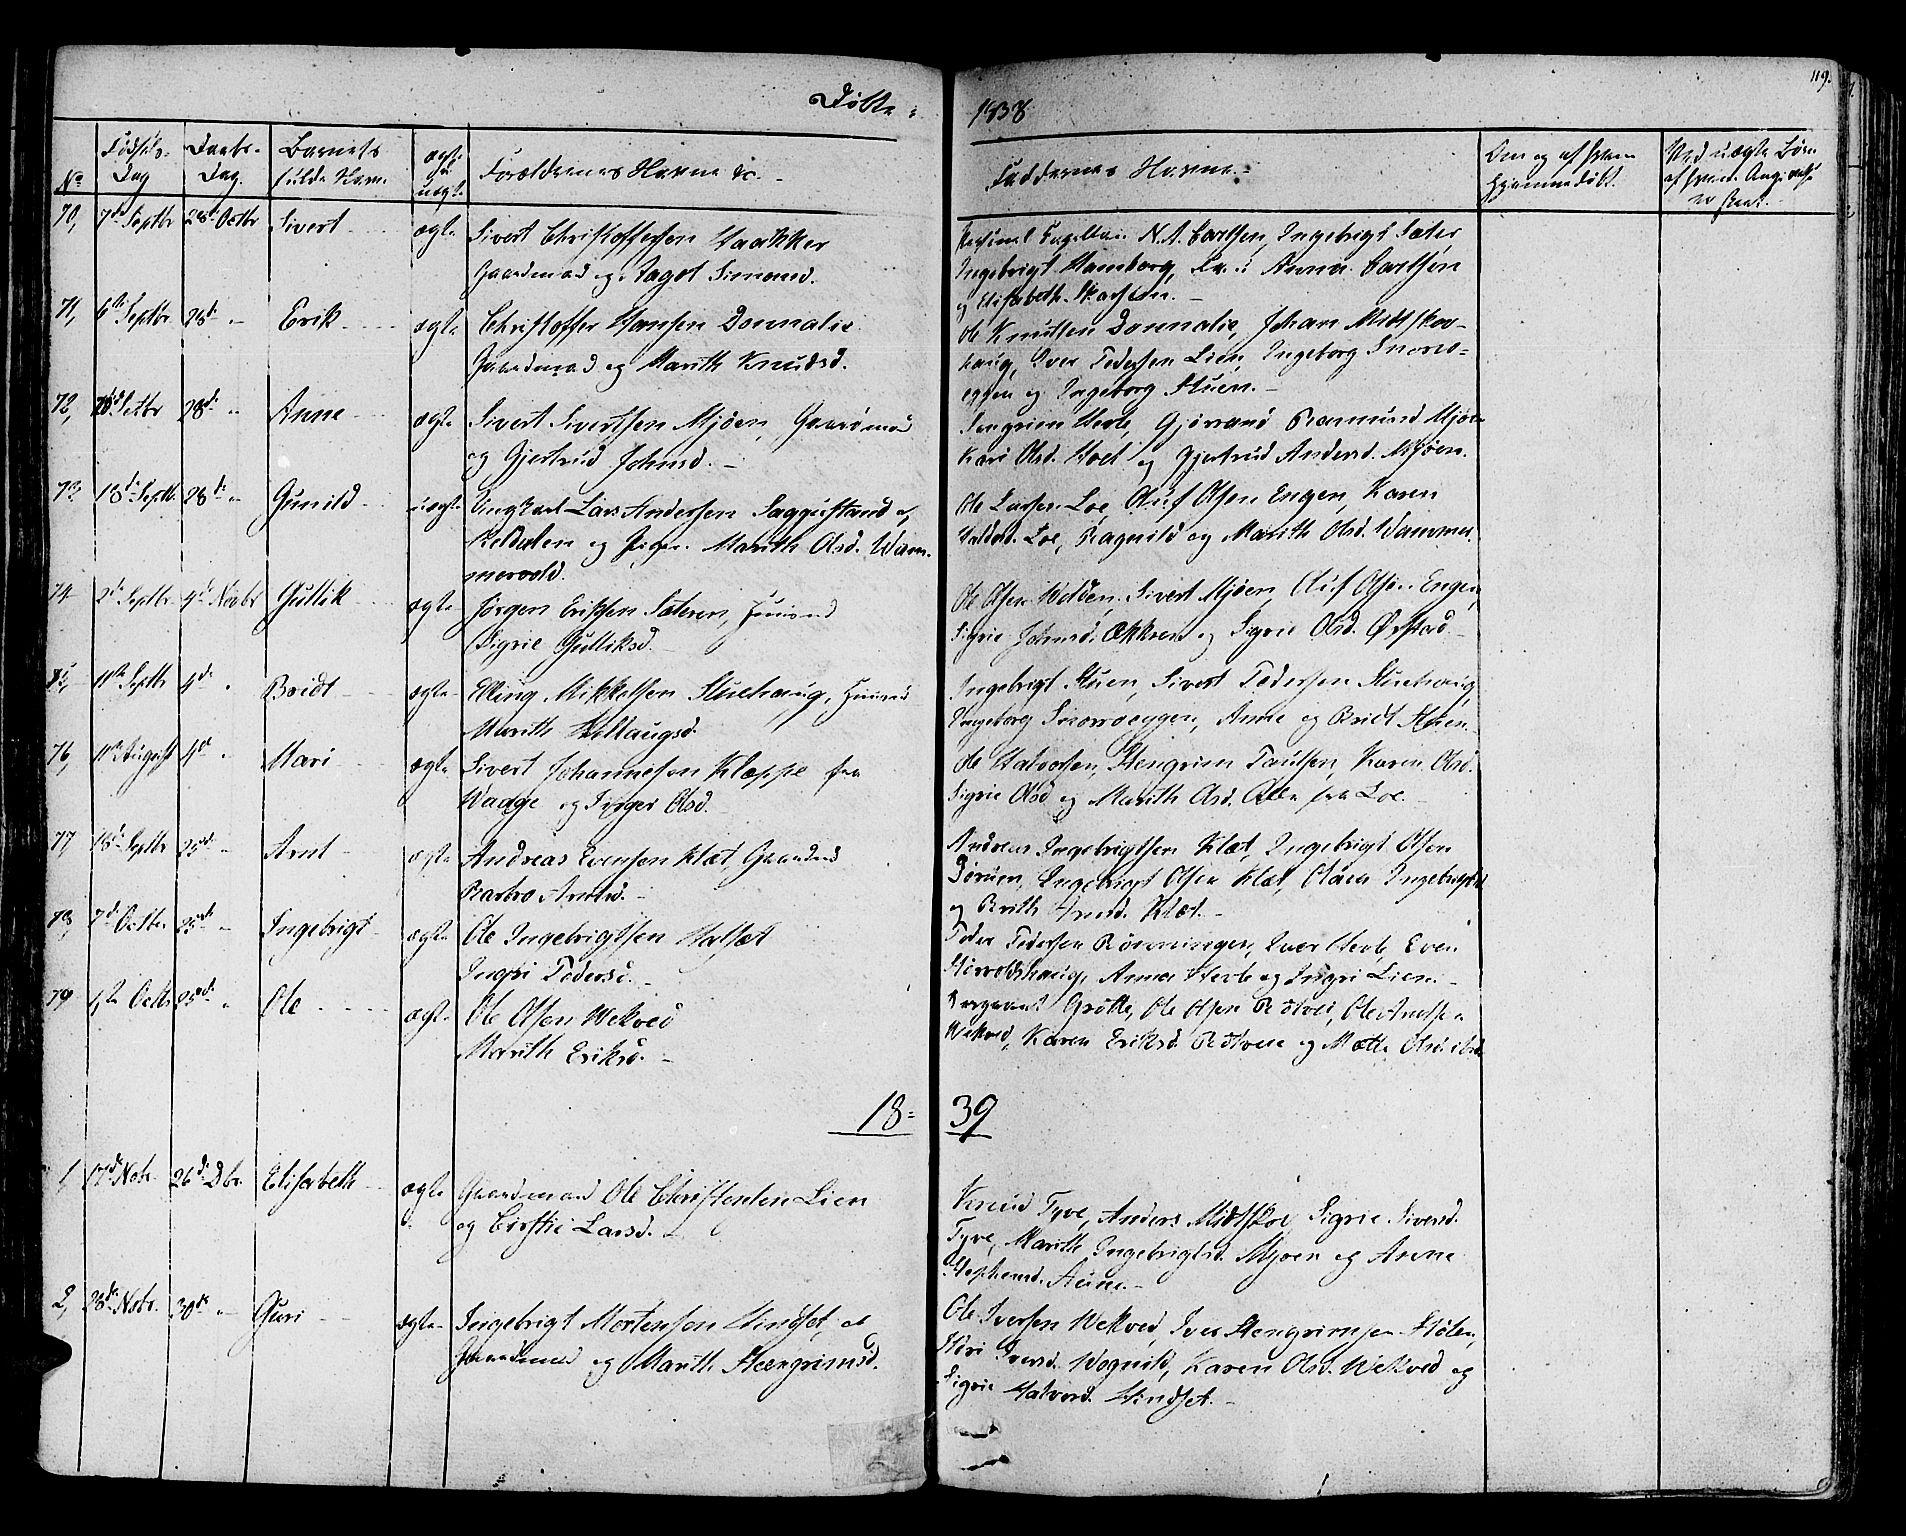 SAT, Ministerialprotokoller, klokkerbøker og fødselsregistre - Sør-Trøndelag, 678/L0897: Ministerialbok nr. 678A06-07, 1821-1847, s. 119